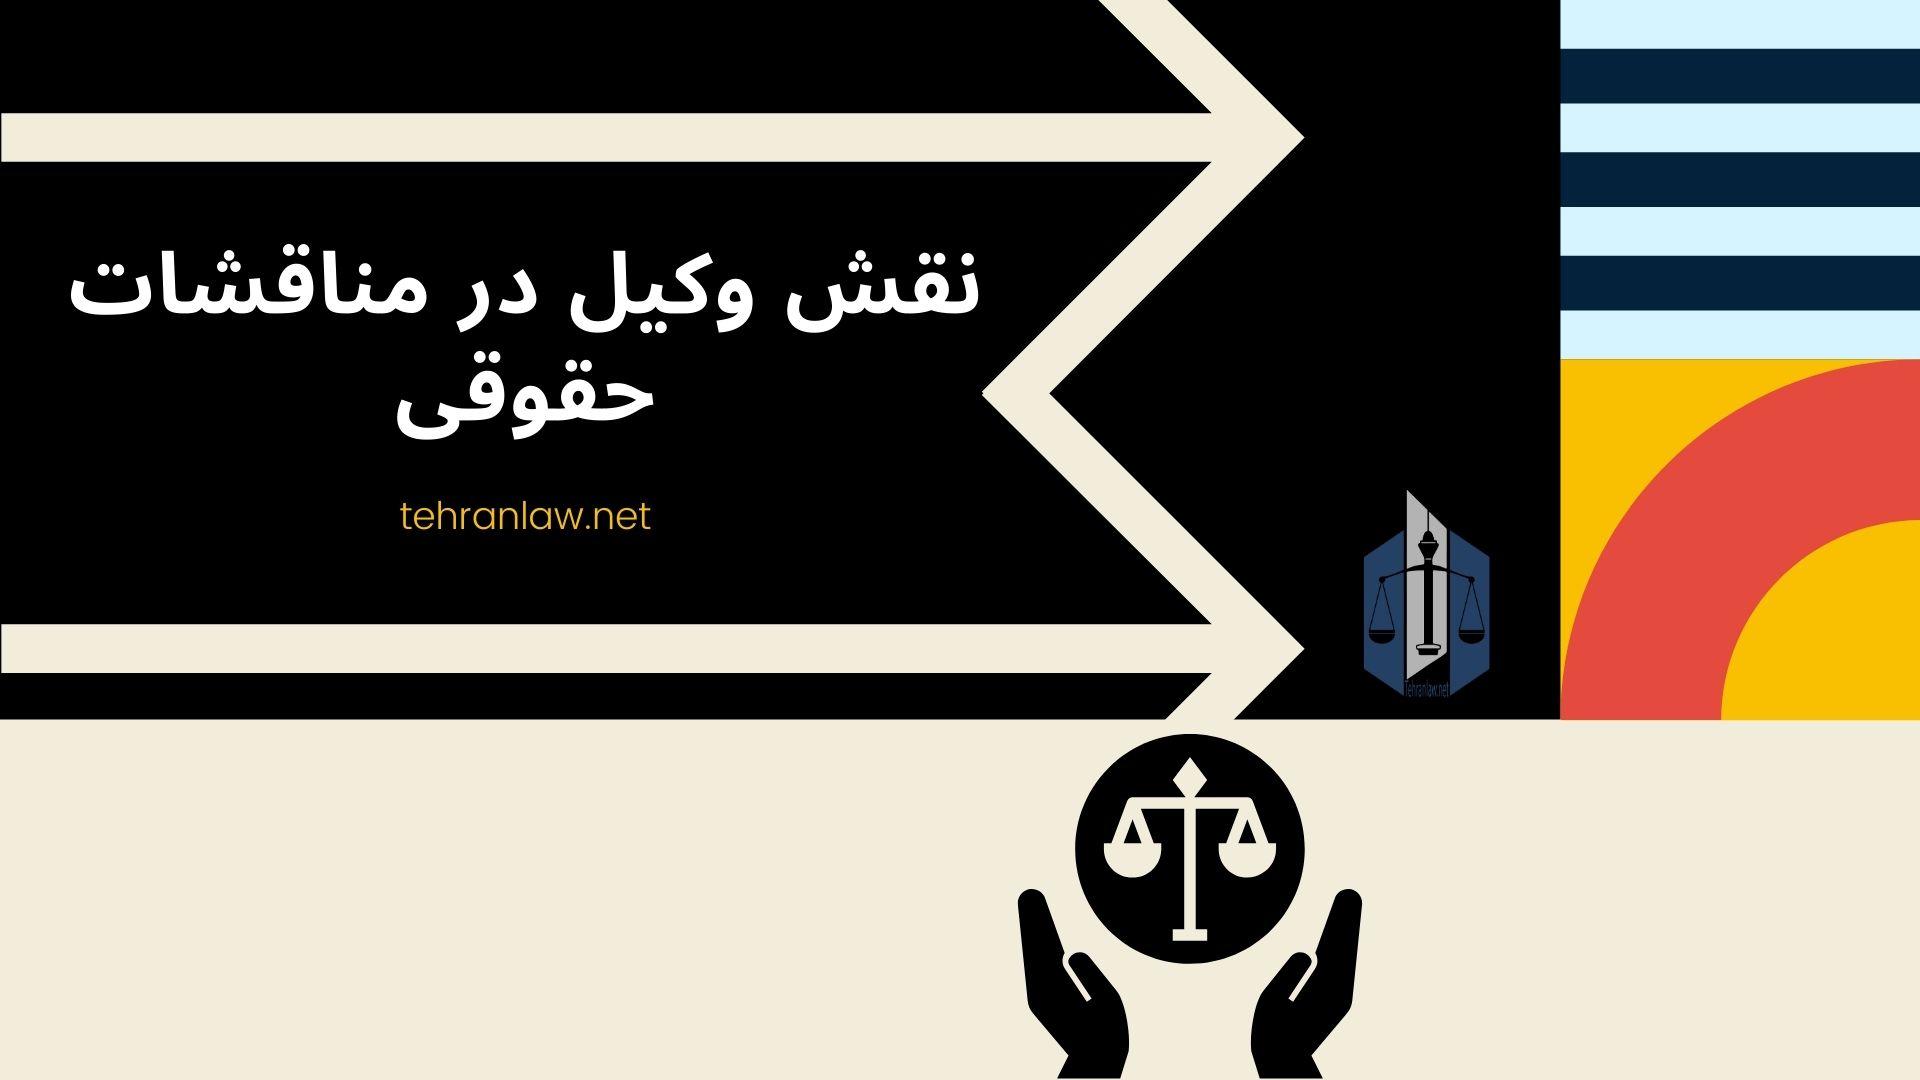 نقش وکیل در مناقشات حقوقی